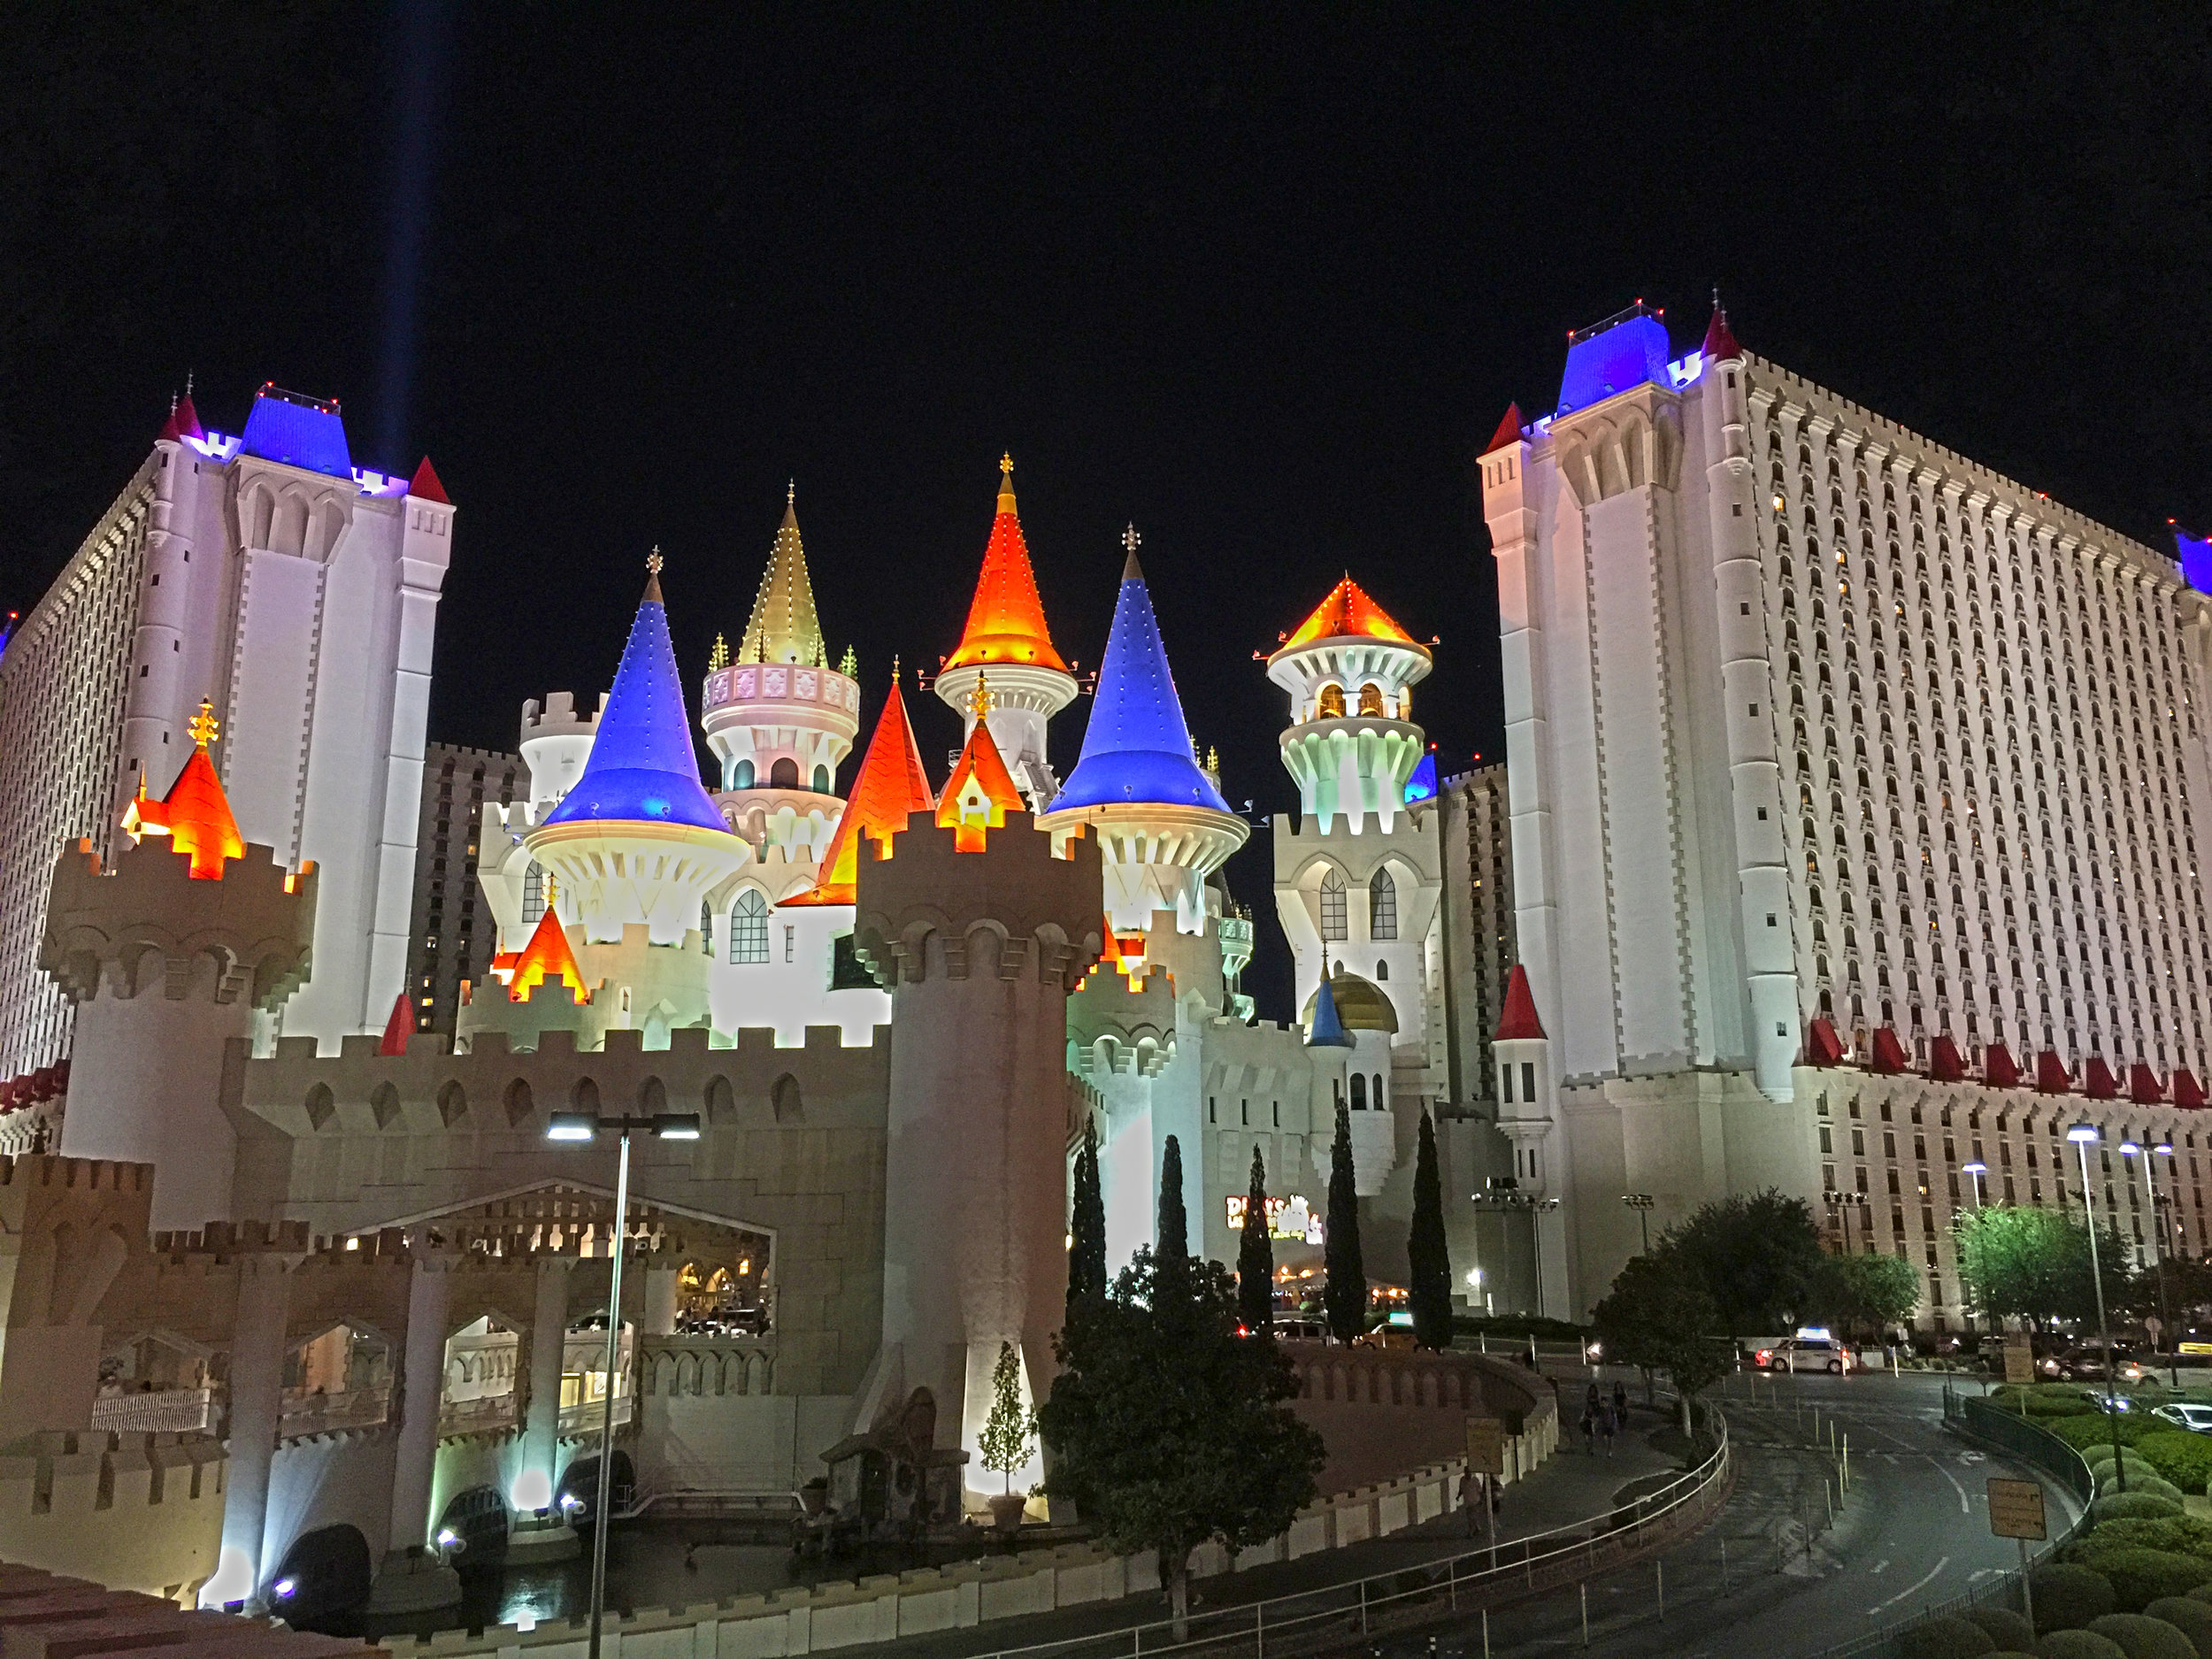 Excalibur - Eröffnet: 1990Casino-Grösse: 9'163m²Resort-Fee: 35 US-DollarZimmeranzahl: 4008 Zimmer, 46 SuitenDas Märchenschloss von MGM. Spielhalle im Untergeschoss, tägliche «Tournament of Kings»-Dinner-Show. 2016 wurden die Zimmer umgestaltet, einige auch komplett Rauchfrei gemacht (neue Teppiche, etc.). Insgesamt dennoch ein Low-End-Hotel am Las Vegas Strip.